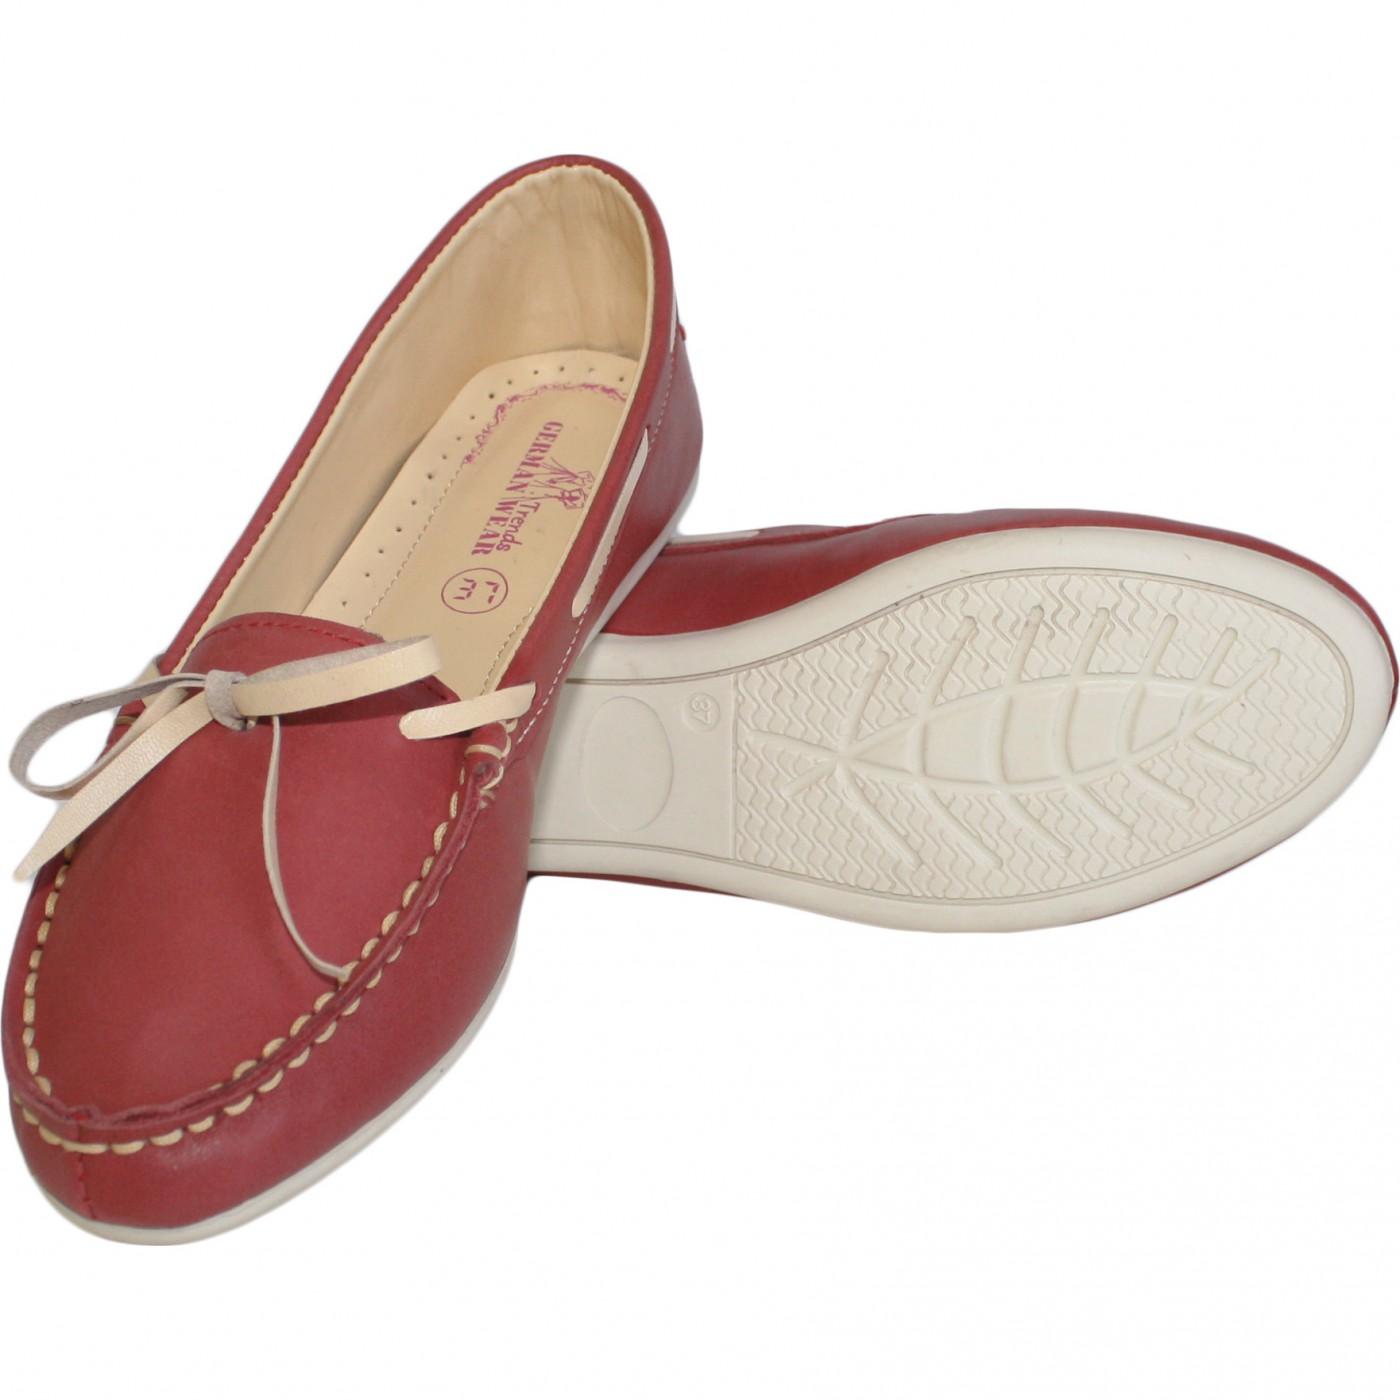 Stiefelschuhe Stiefelschuhe Stiefelschuhe Mokassins Segelschuhe lederschuhe Schuhe rot beige 05734a